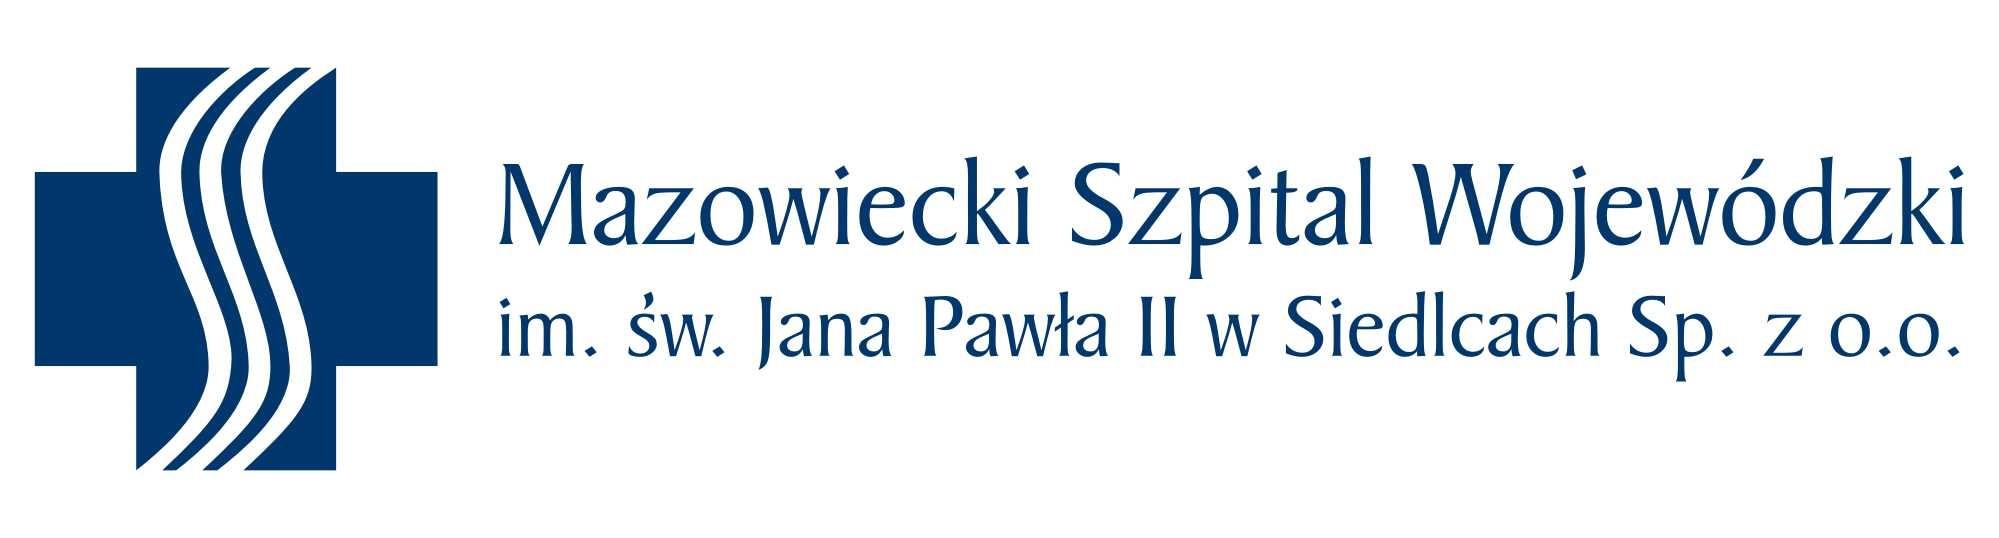 Logo Mazowiecki Szpital Wojewódzki im. św. Jana Pawła II w Siedlcach